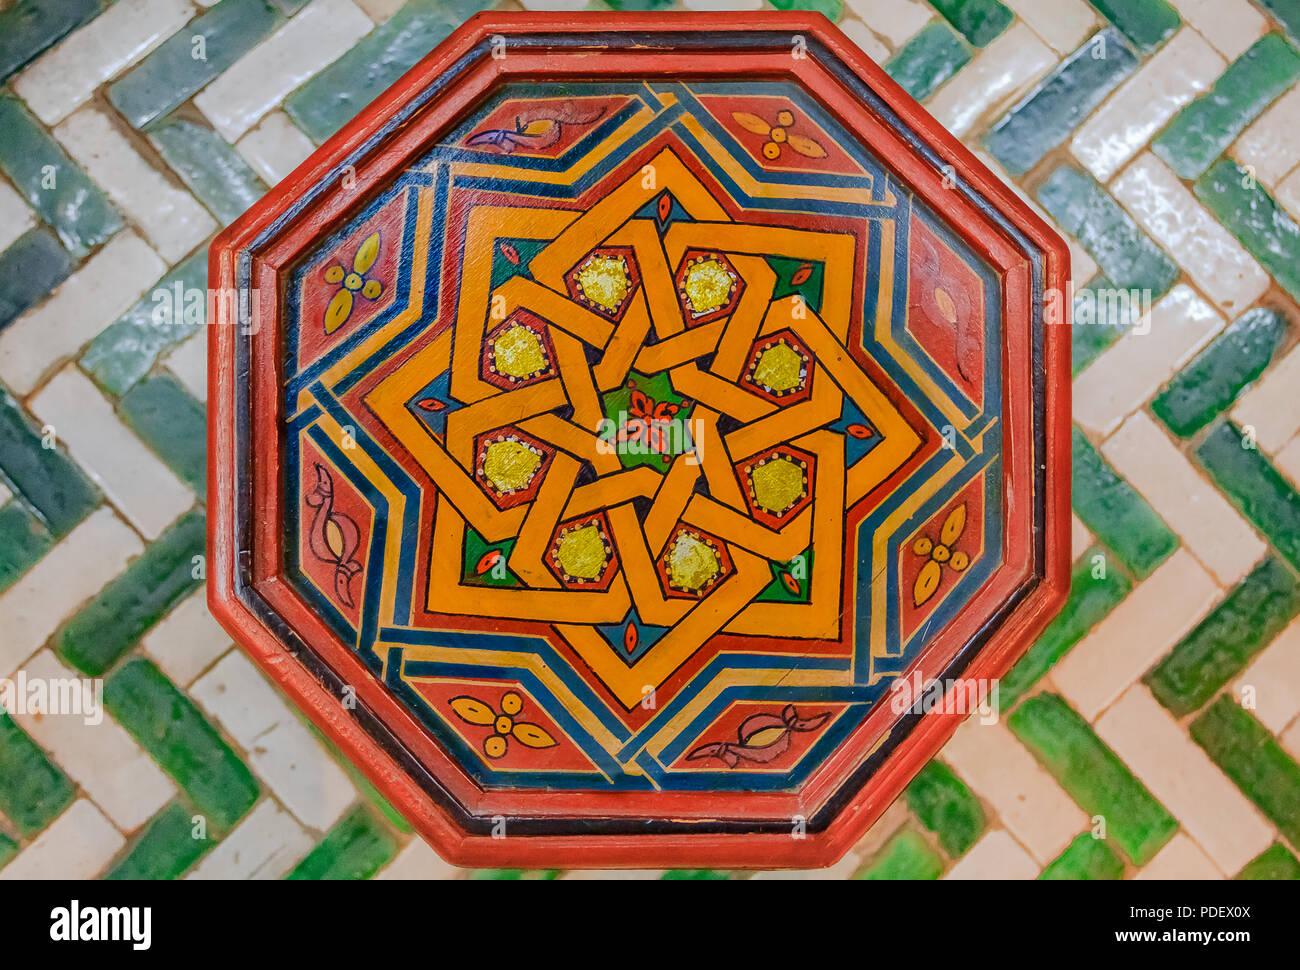 Architettura islamica vista di una piastrella disegnata con